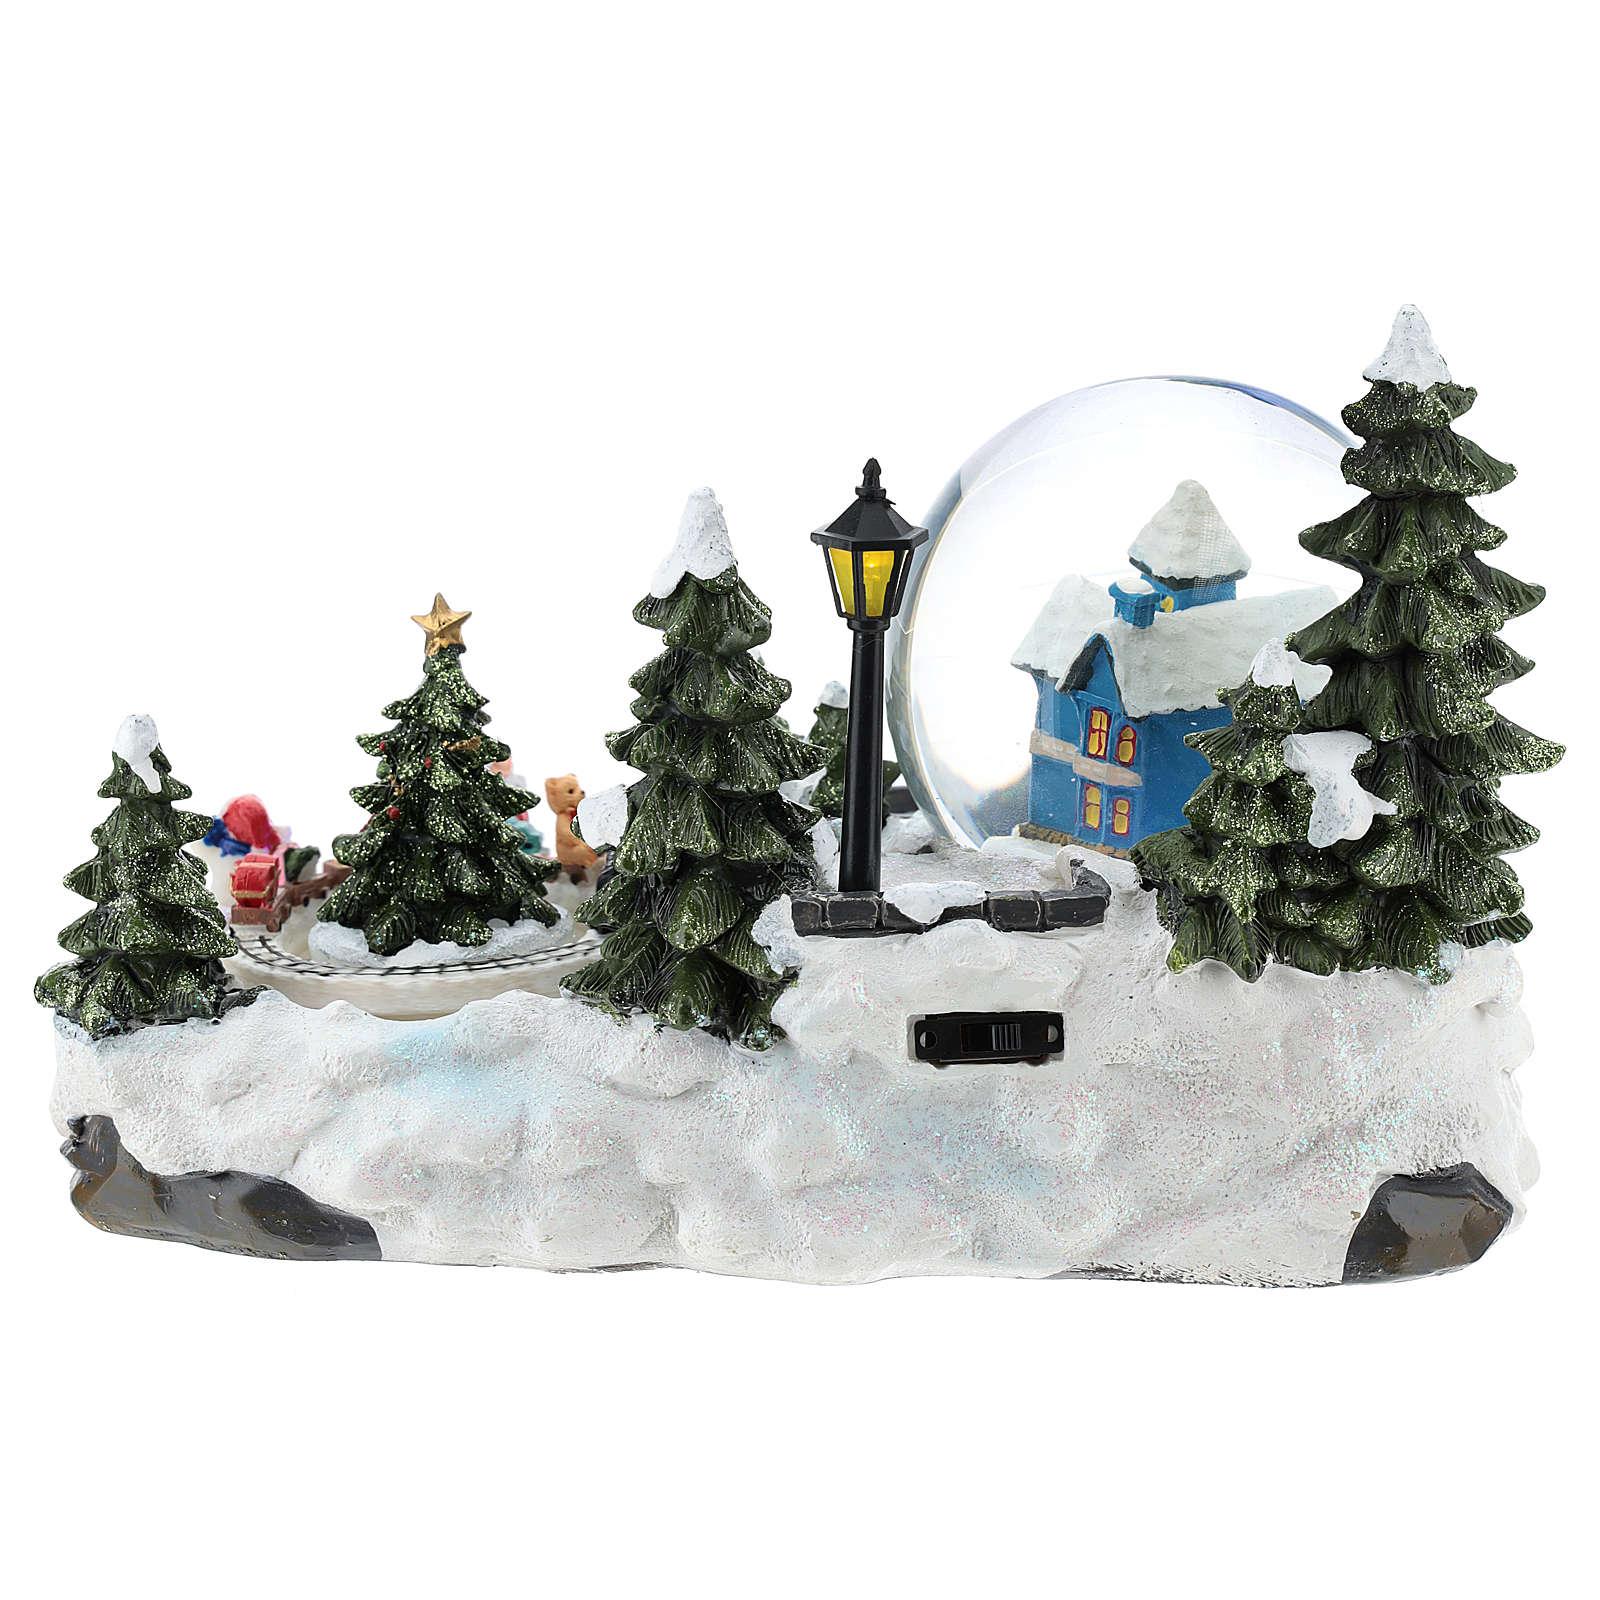 Ambientazione natalizia con palla di neve e trenino 15x25x15 cm 3